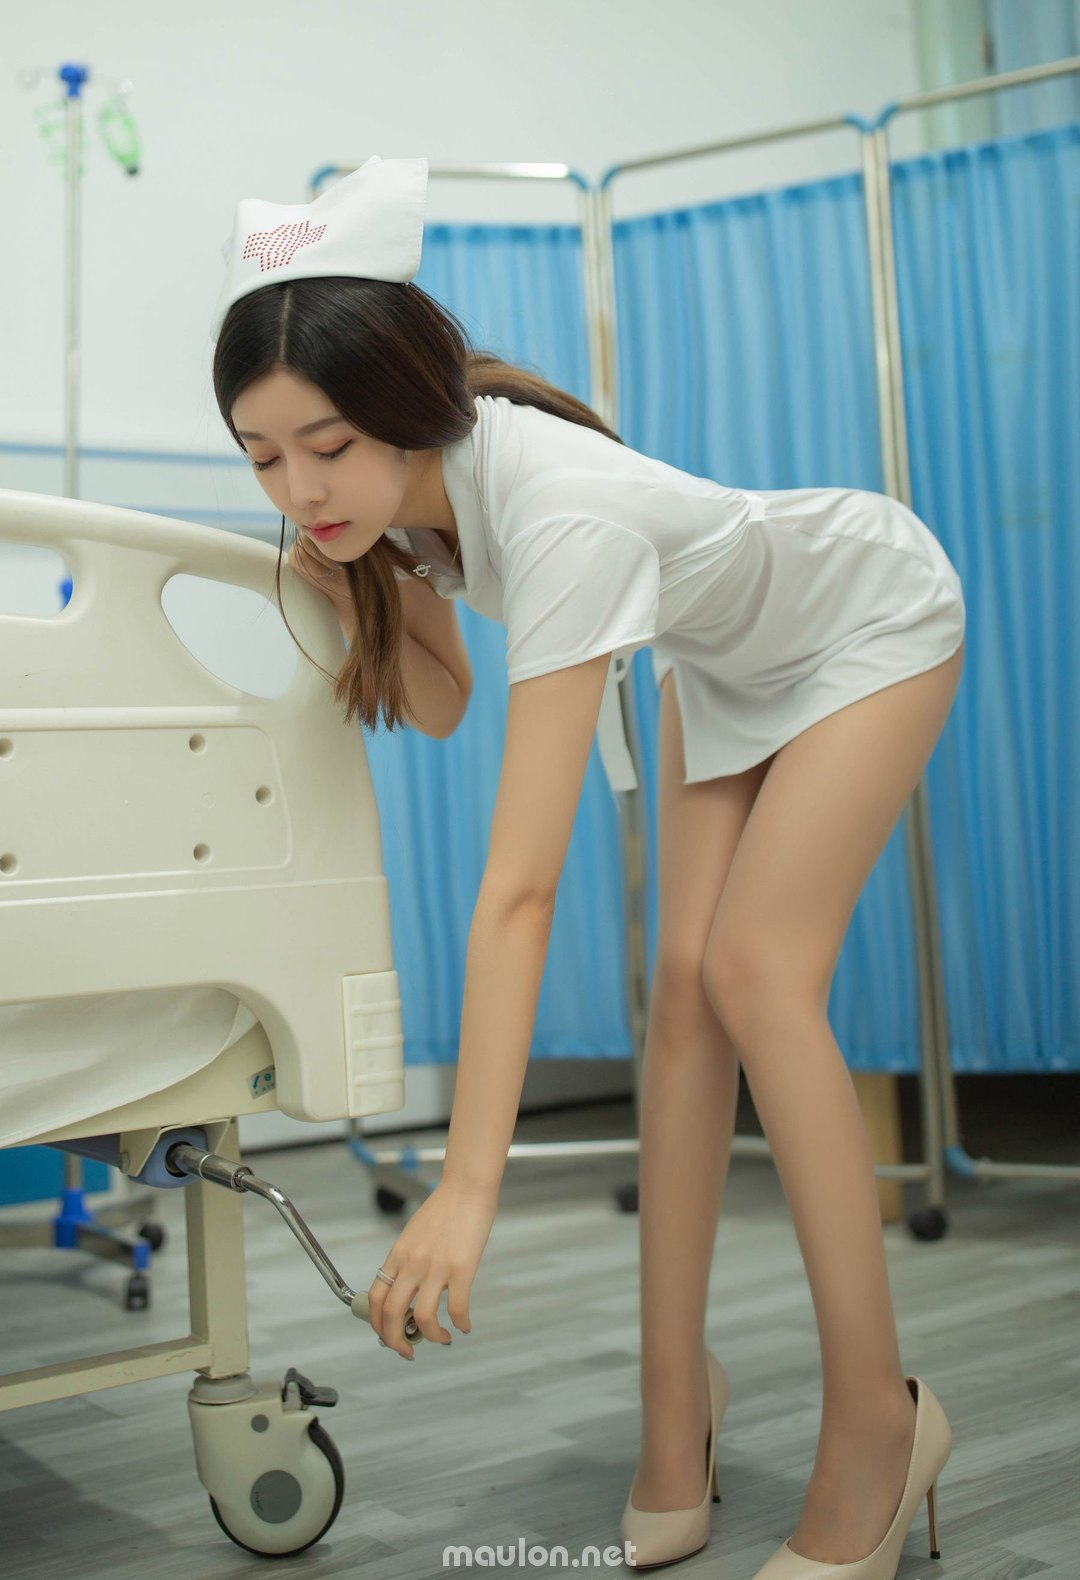 MauLon.Net - Hình ảnh nữ y tá sexy xiuren 04